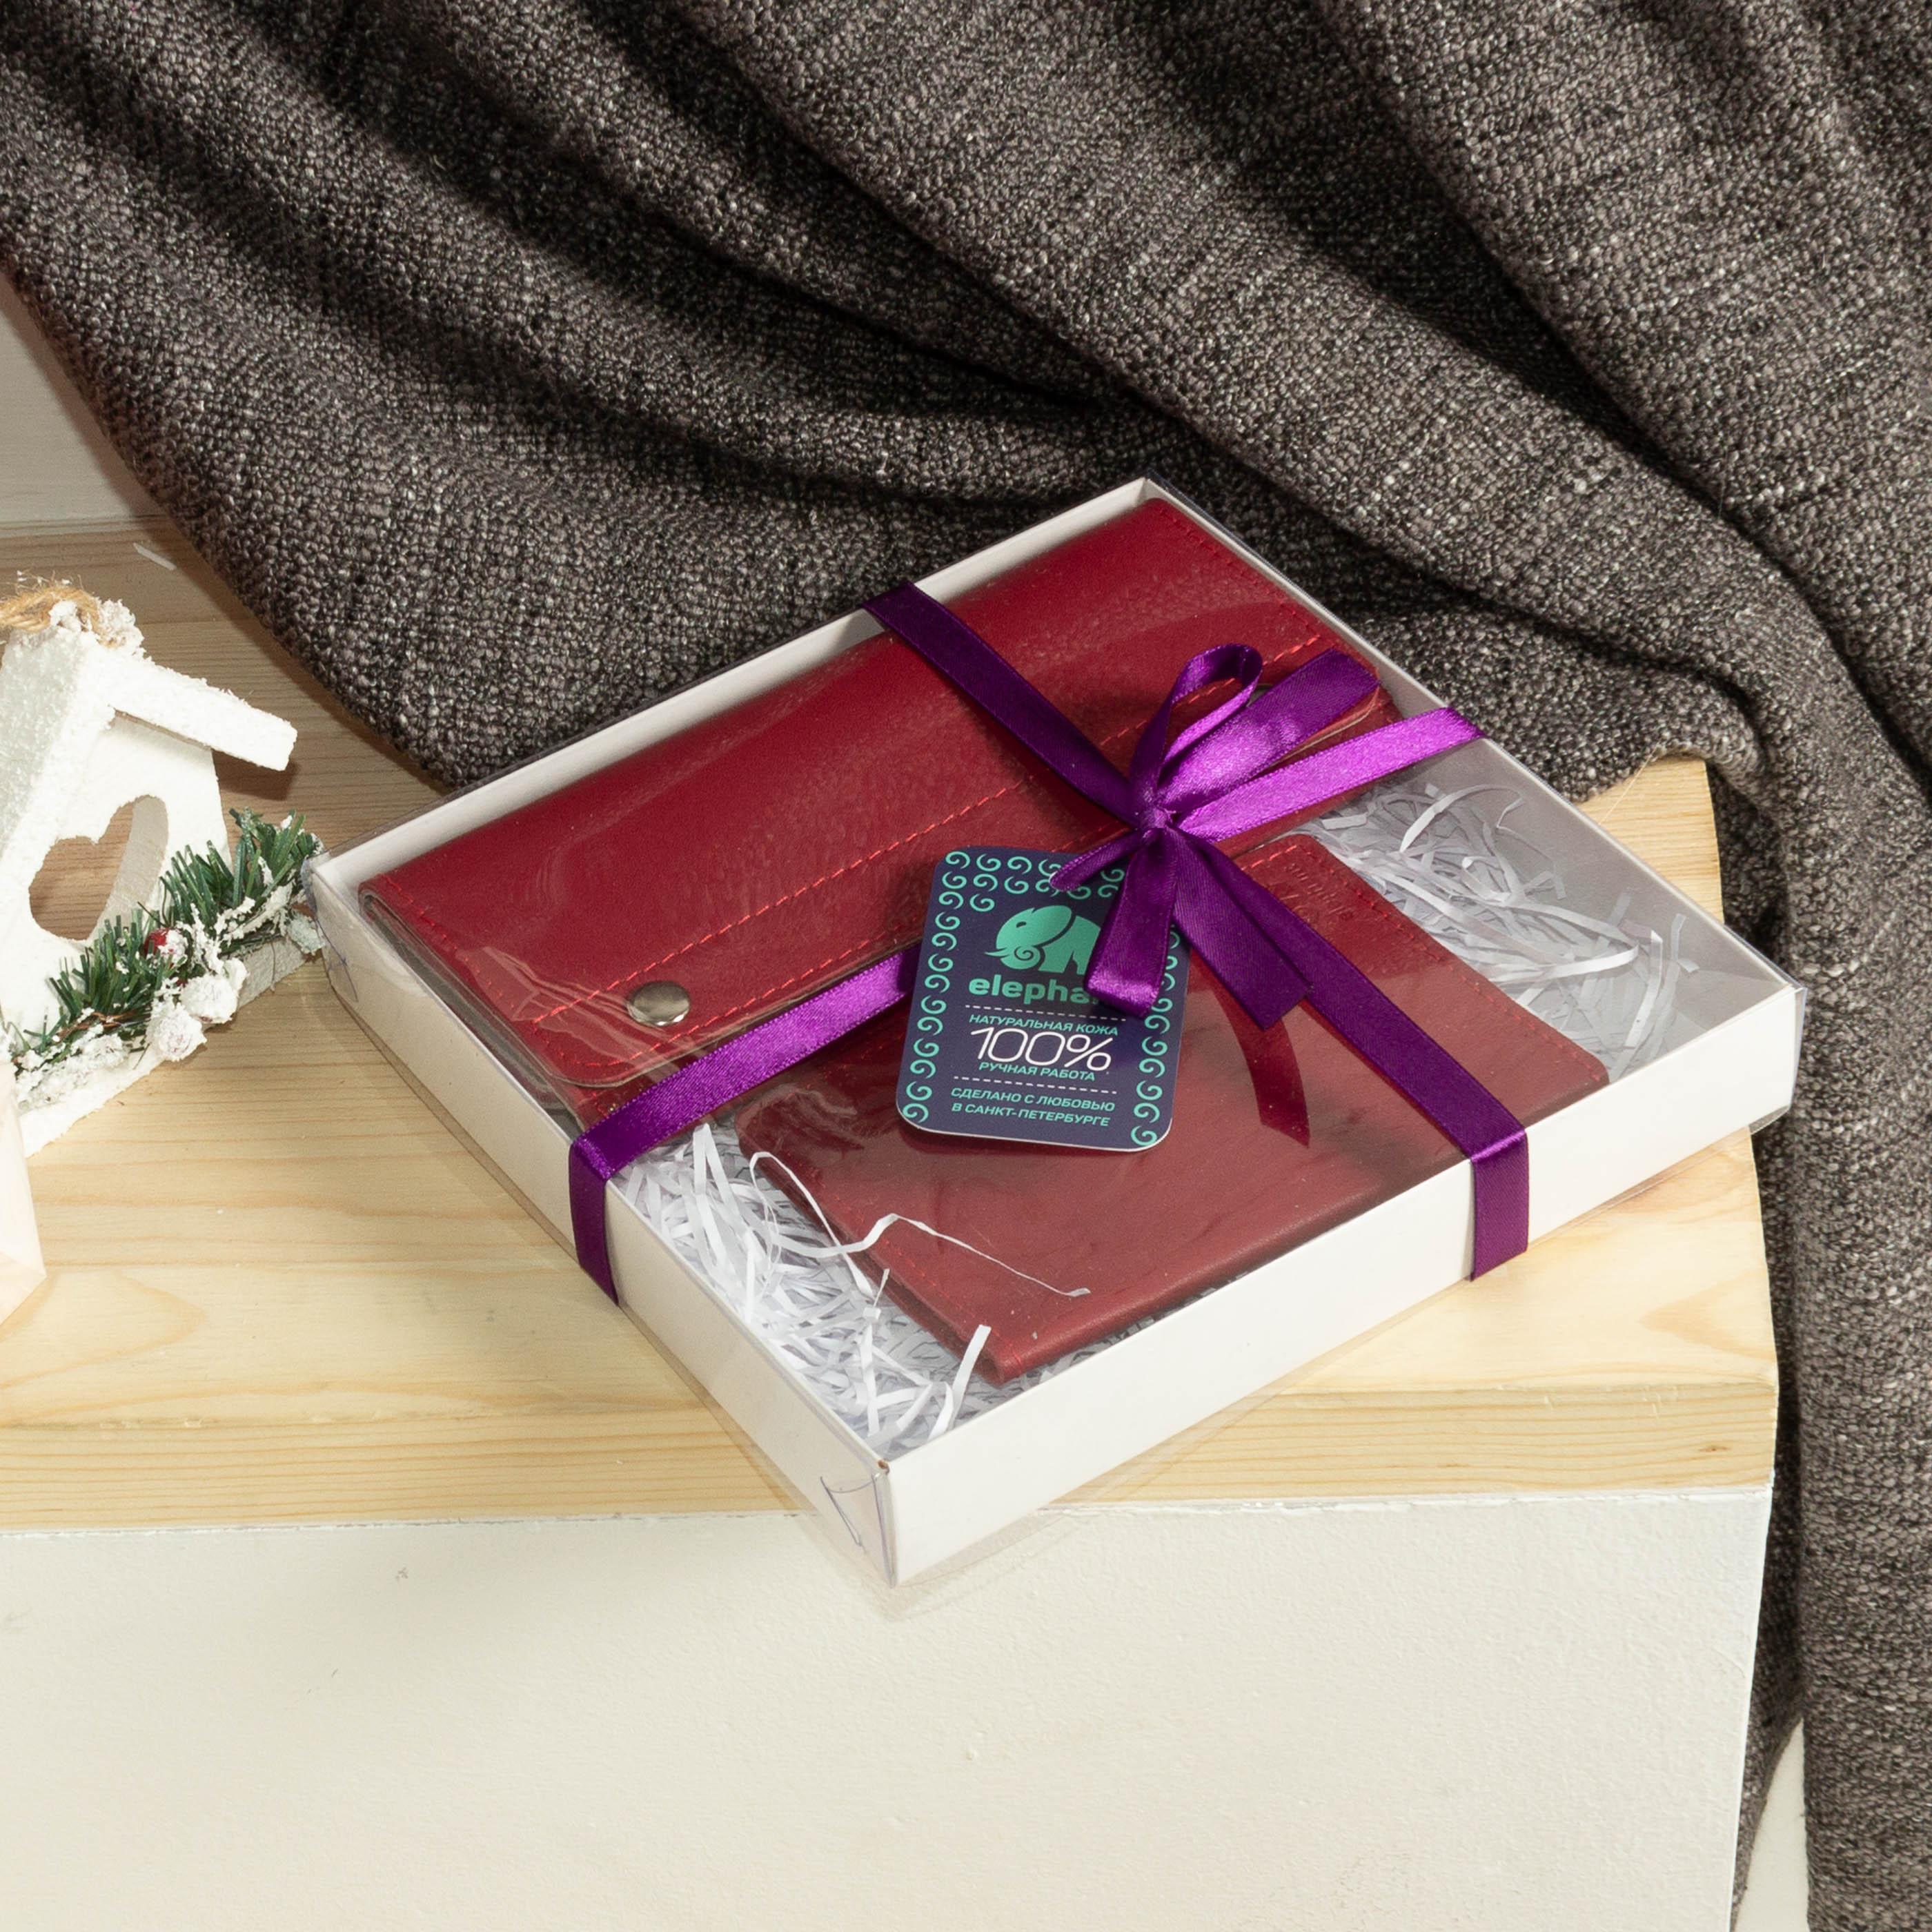 Кошелек или портмоне на подарок должны быть отличного качества